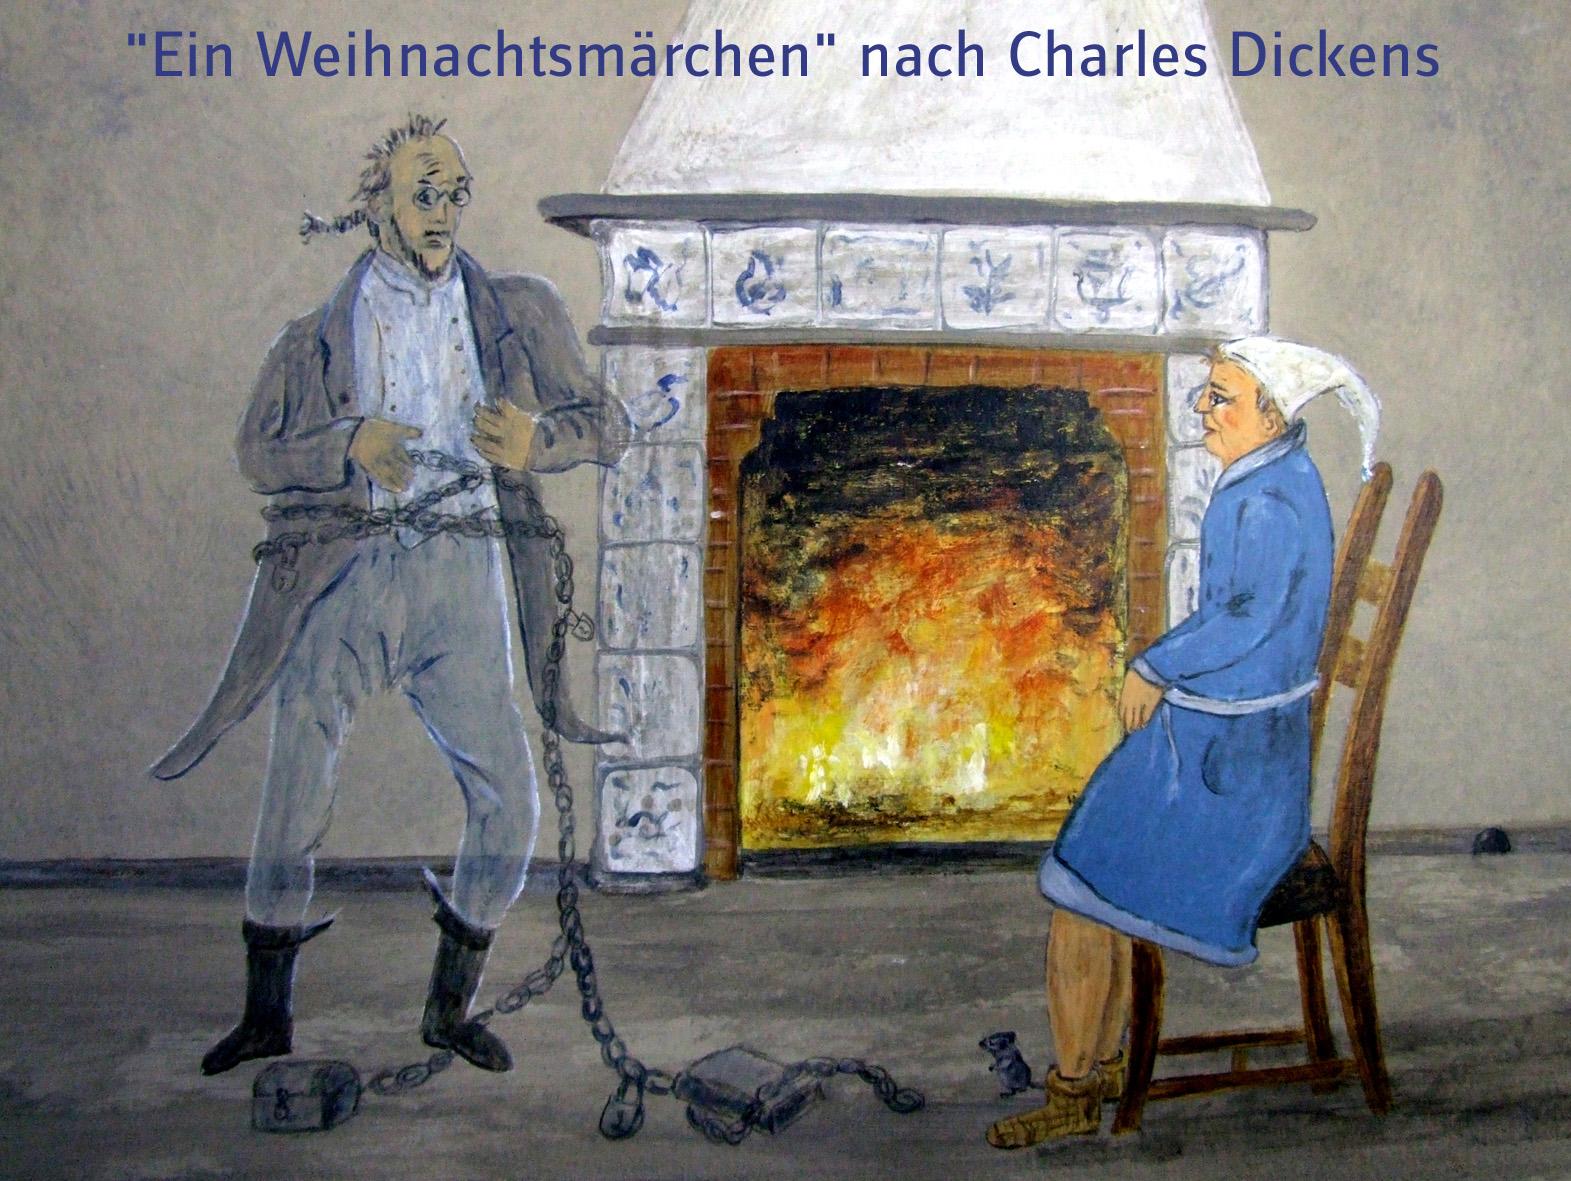 Bilddatei: CharlesDickens_Weihnachtsgeschichte-kl(C)LWL,Clement (1).jpg